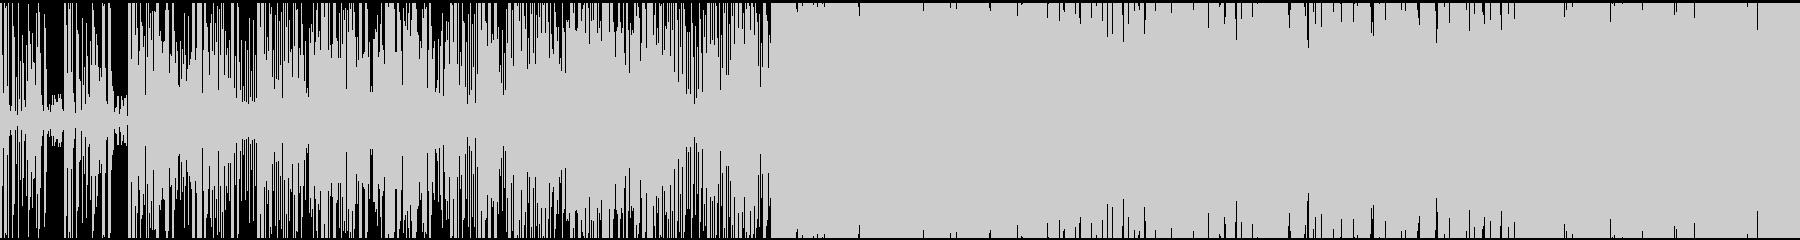 インド風戦闘曲。ループ素材の未再生の波形